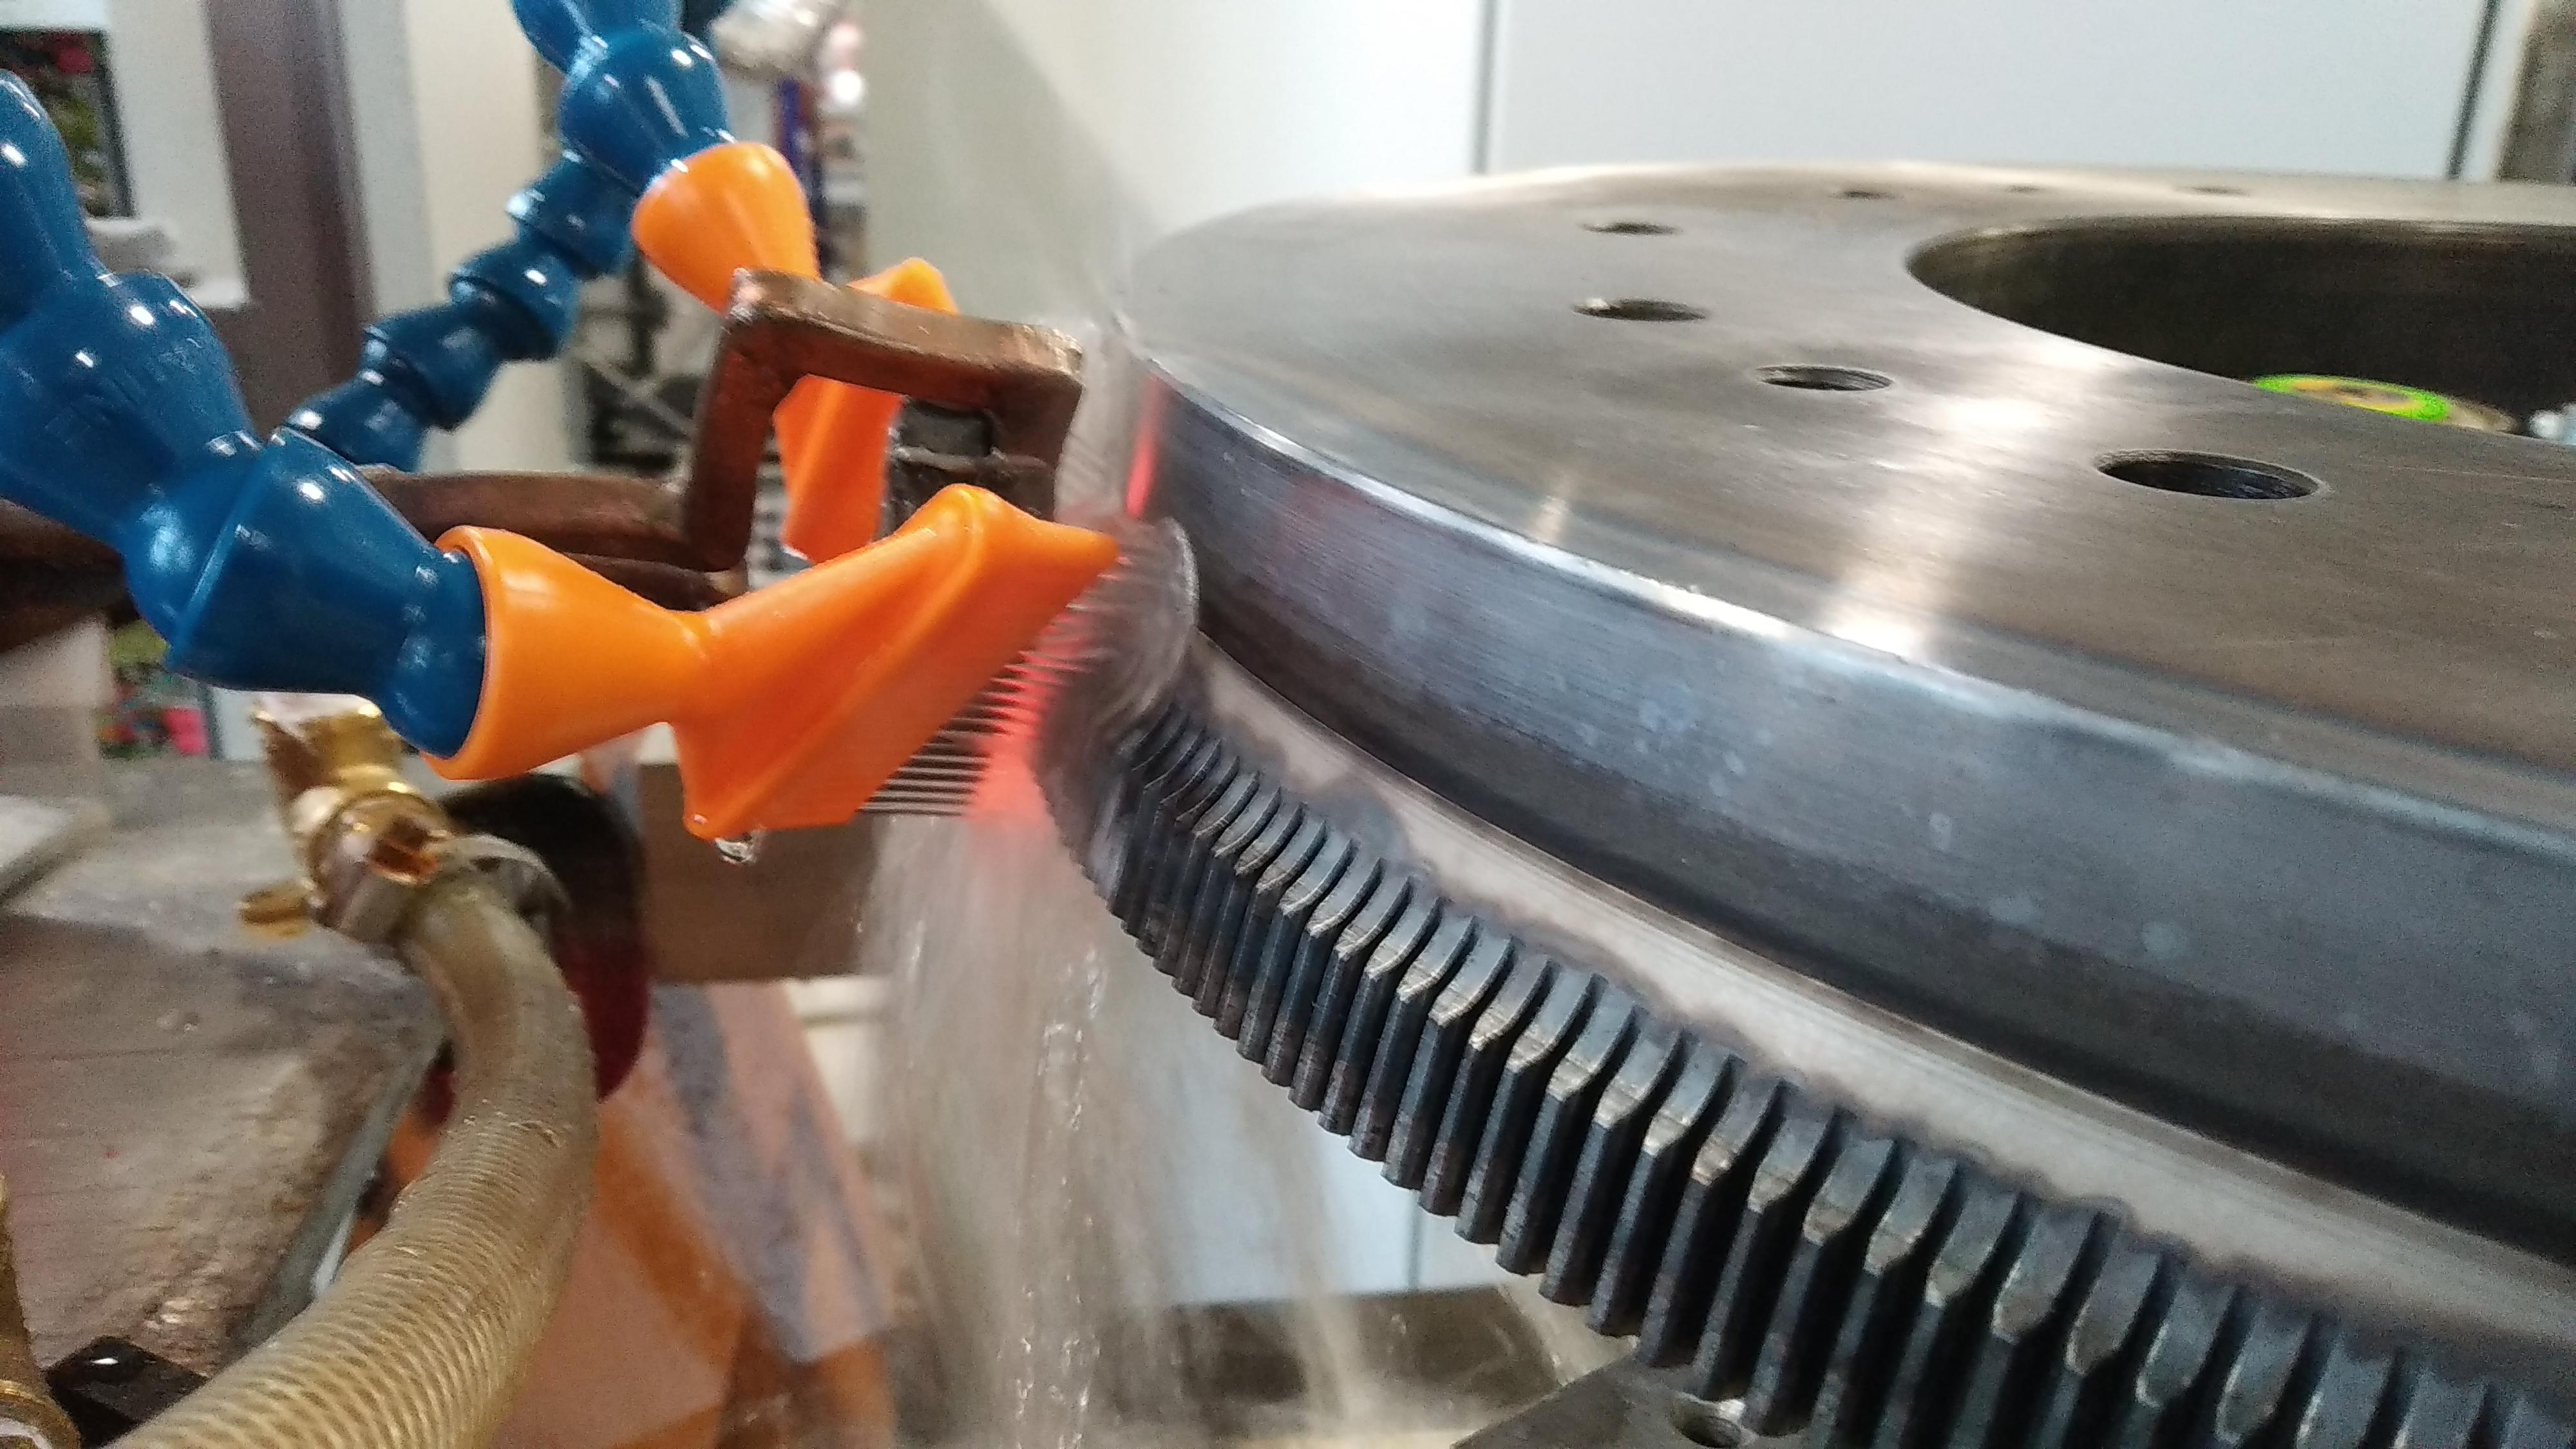 Оборудование для твч закалки. как своими руками собрать индукционную печь для плавки металла в домашних условиях. применяемые для закалки твч установки, материалы и вспомогательные средства